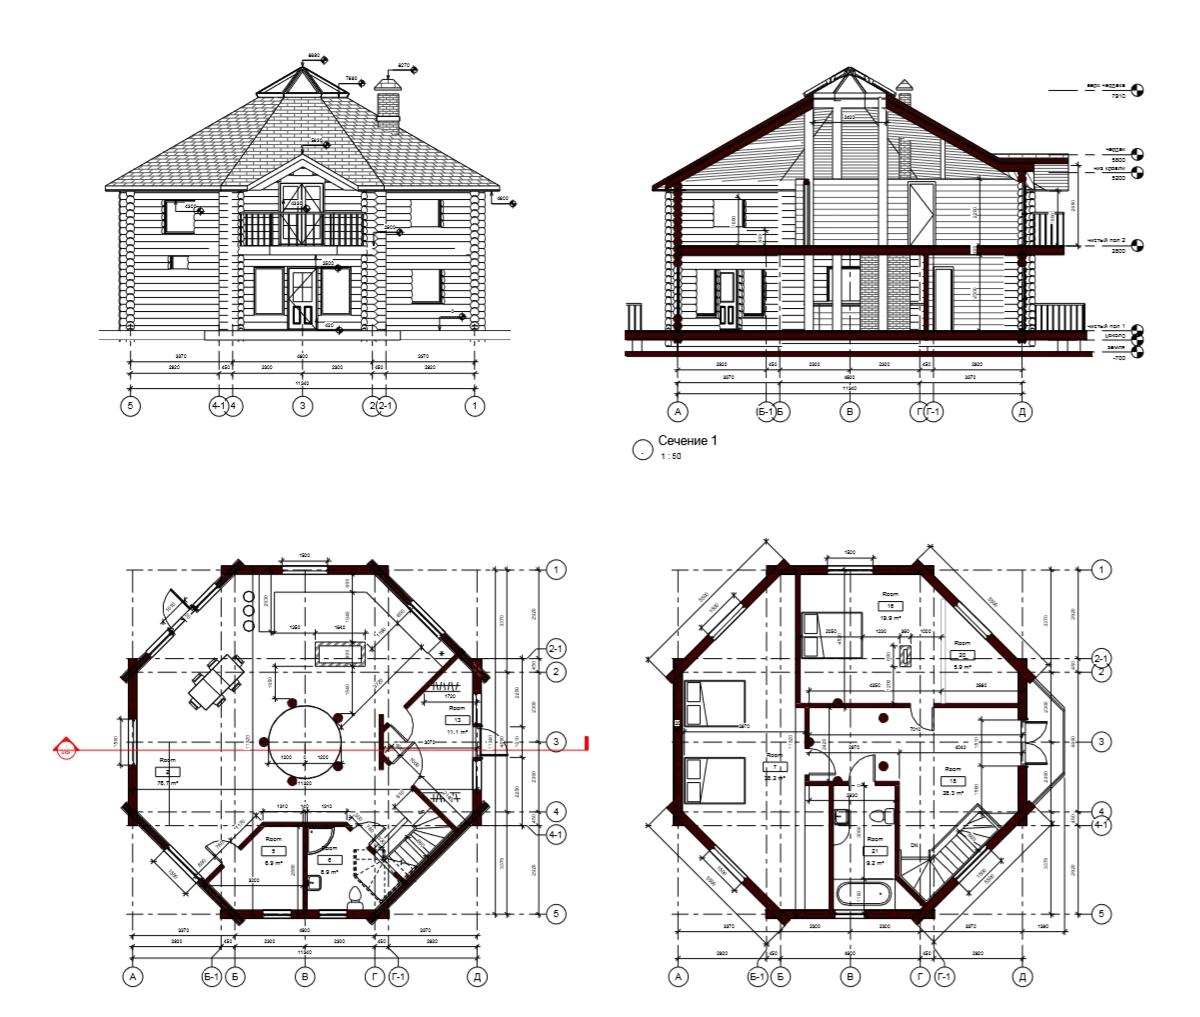 Проект восьмигранного дома 200 кв.м. Арх. Илья Сибиряков.